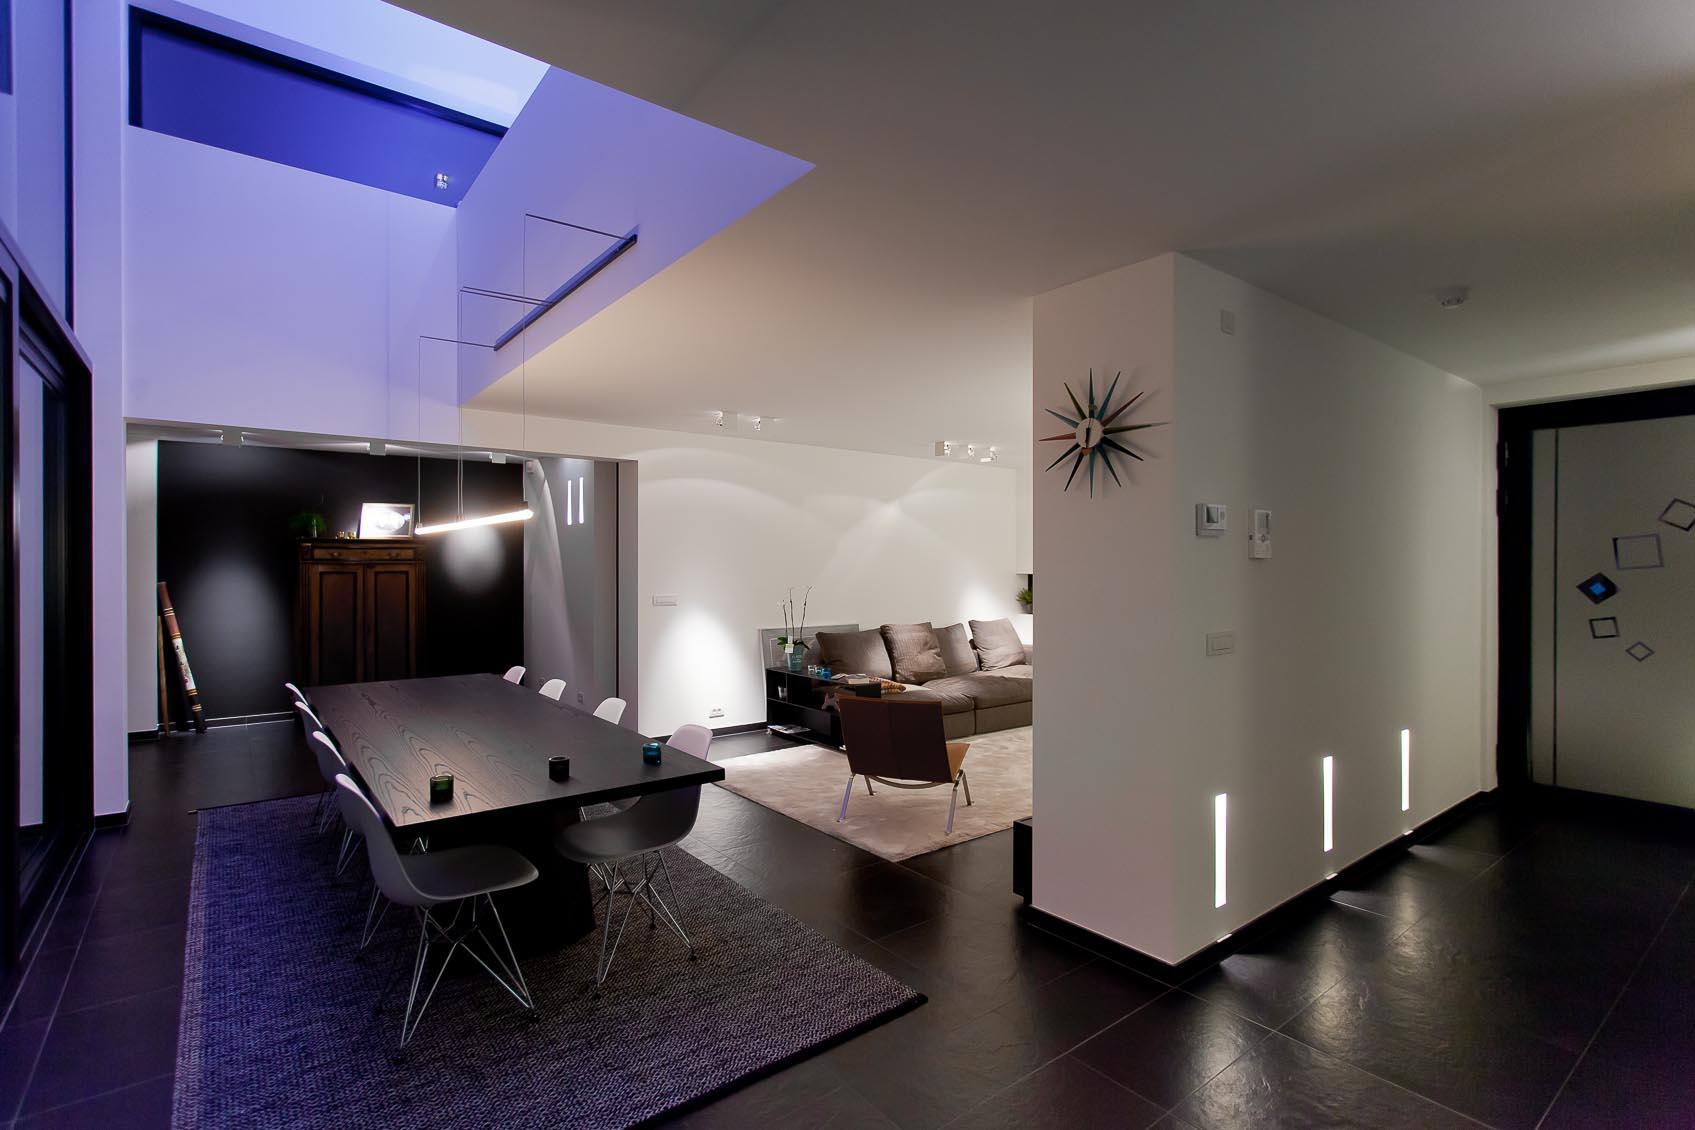 een creatieve lichtstudie door lichthuis gemaakt voor deze moderne woning